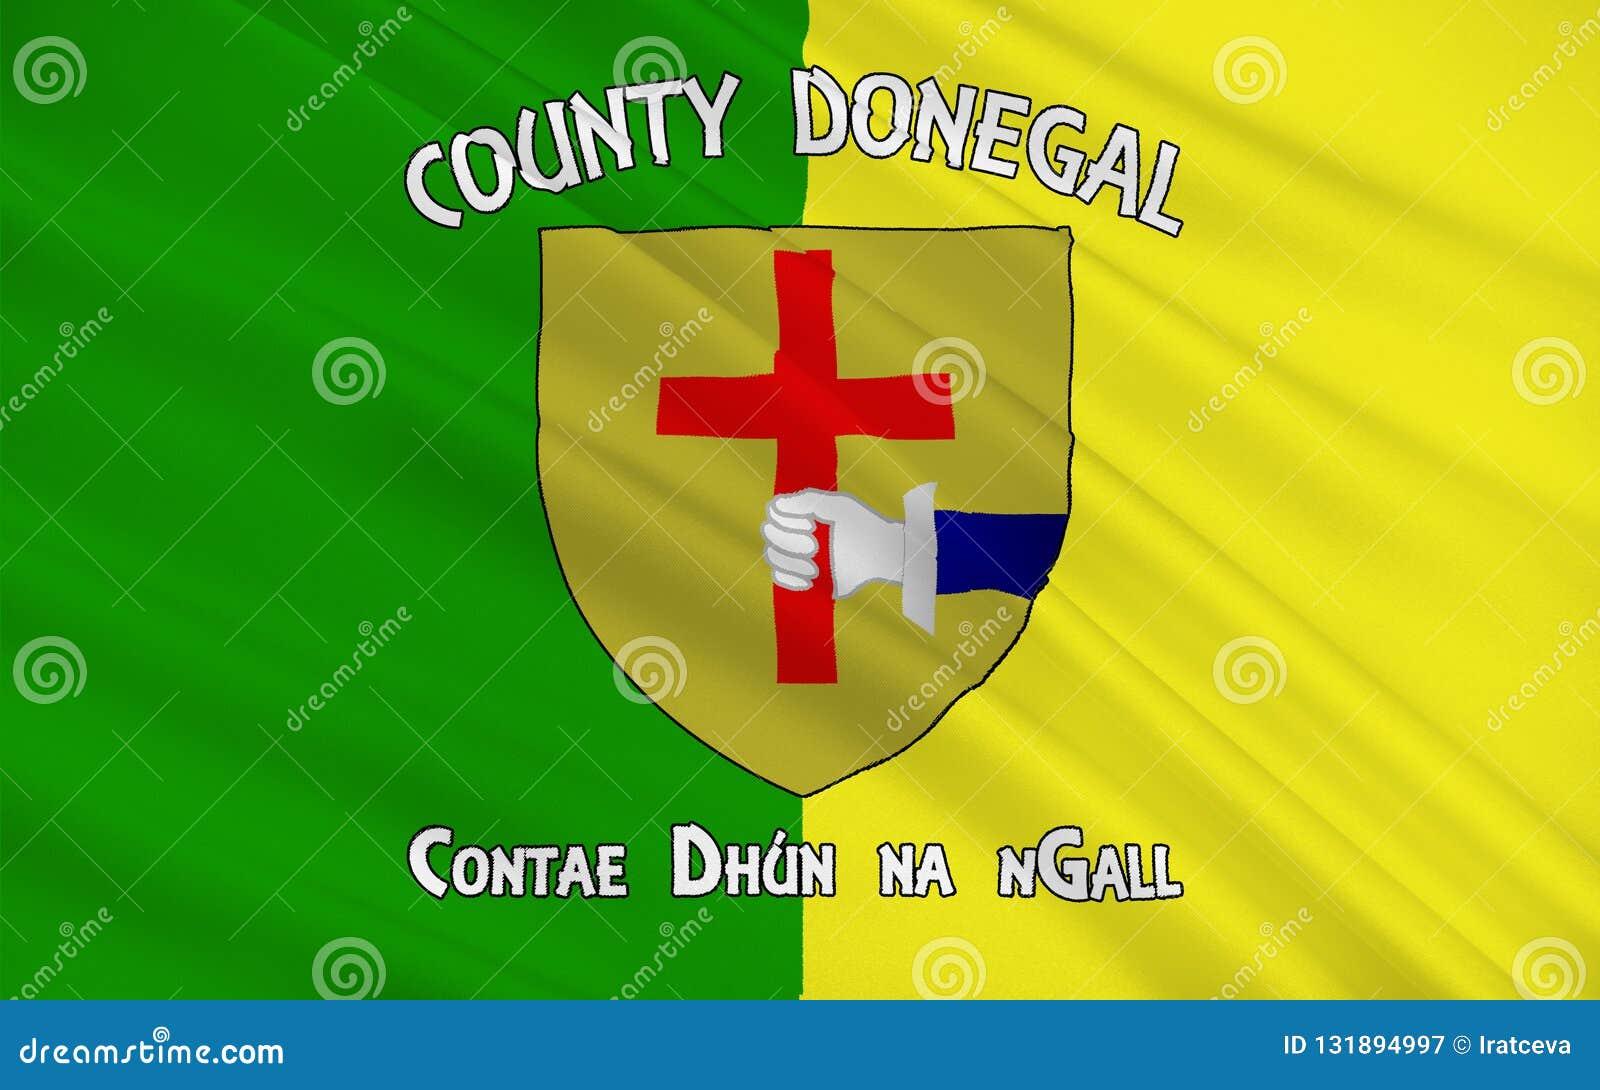 Flagge der Grafschaft Donegal ist eine Grafschaft in Irland